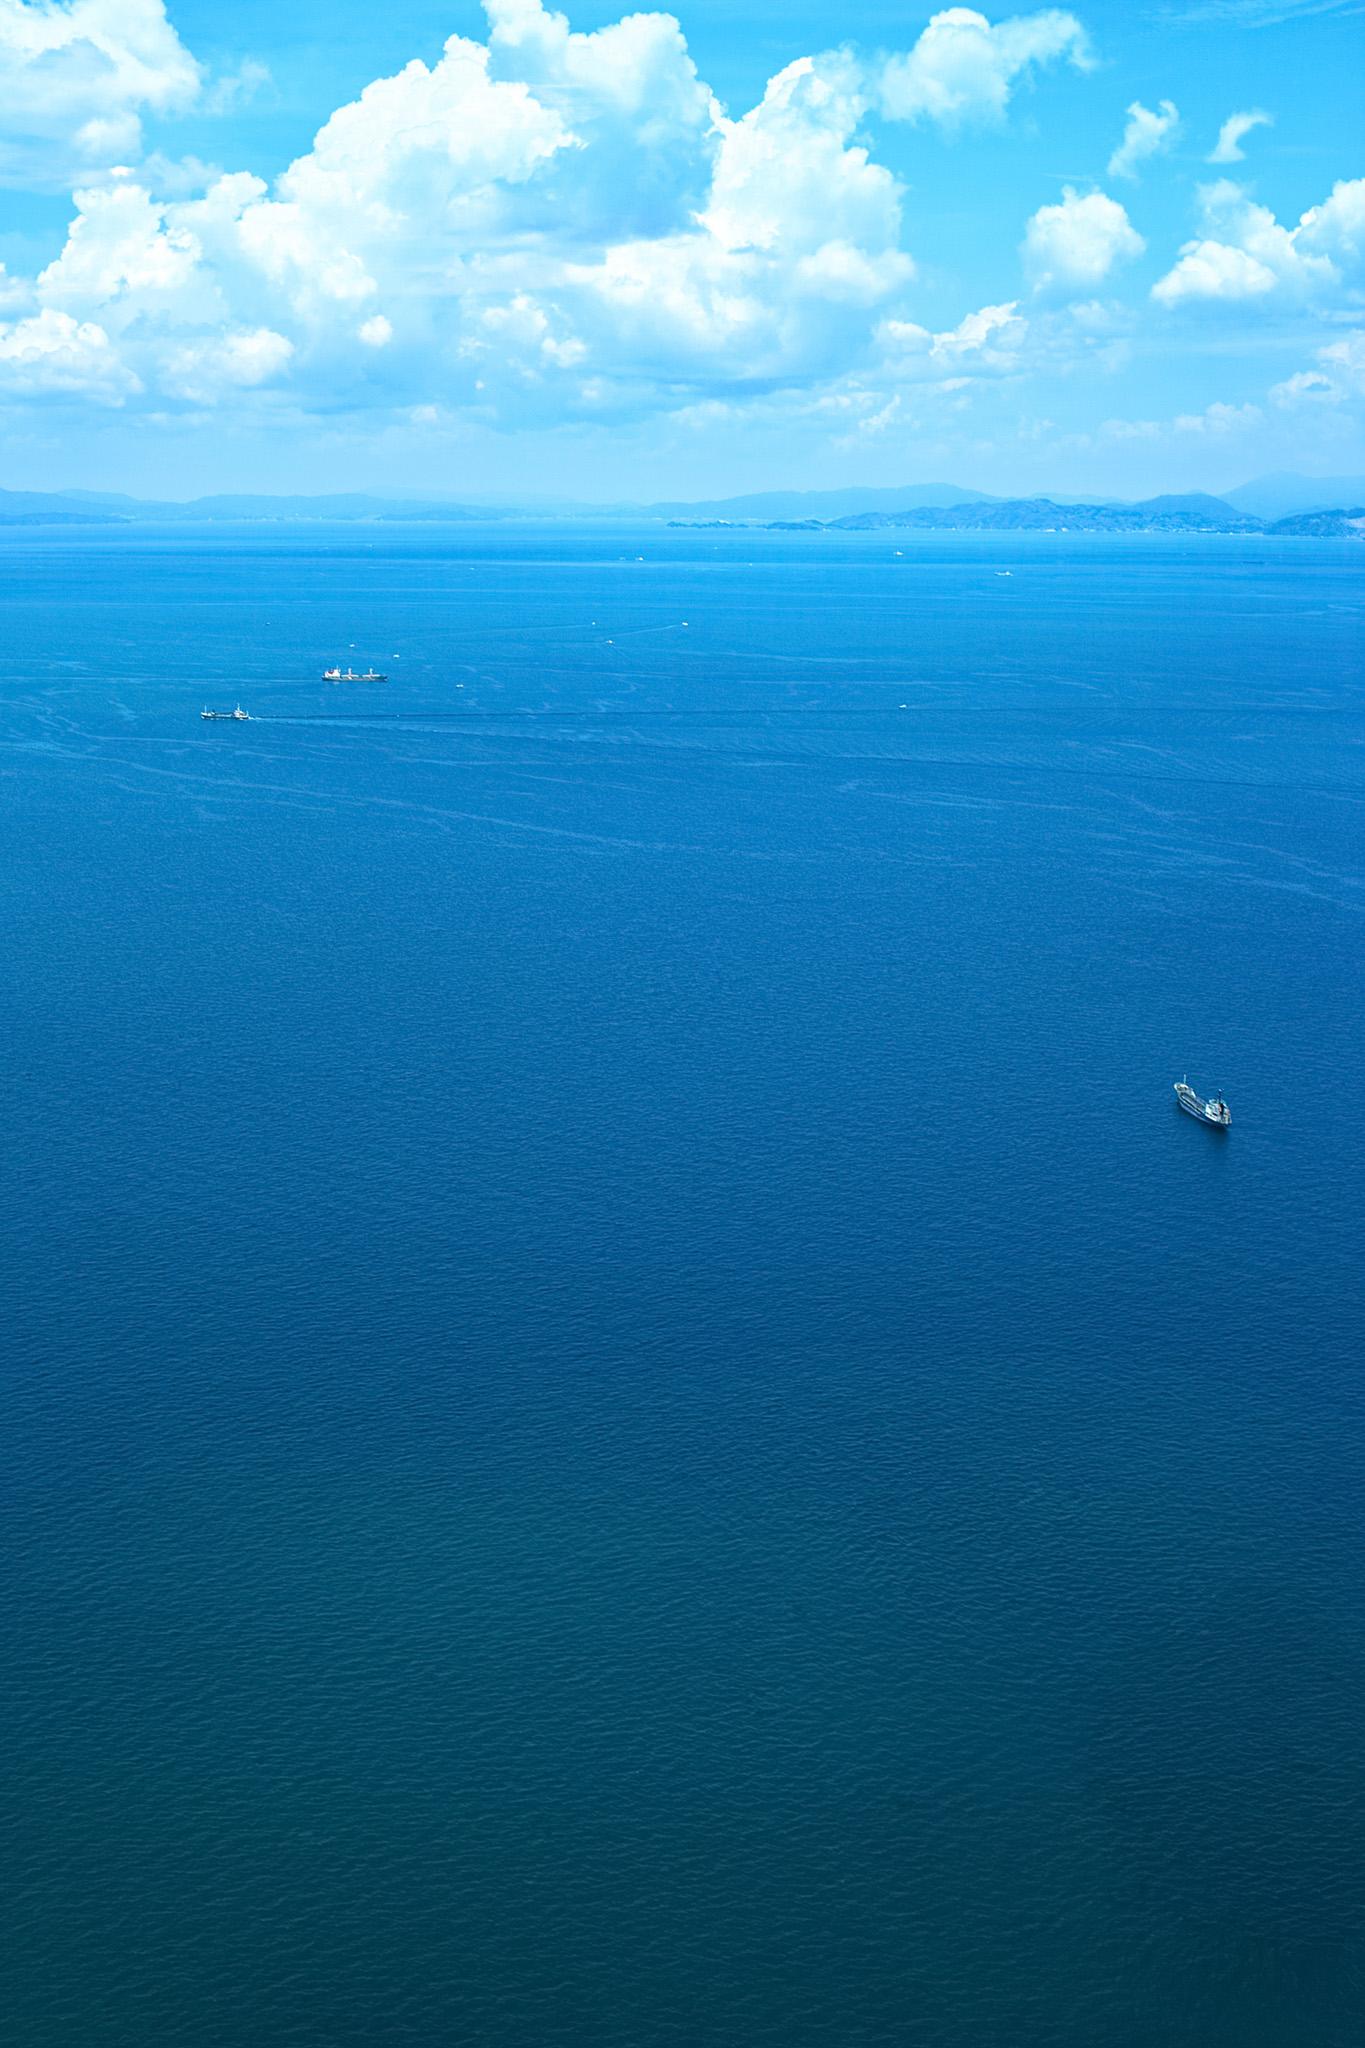 「夏の青空の下を進む船」